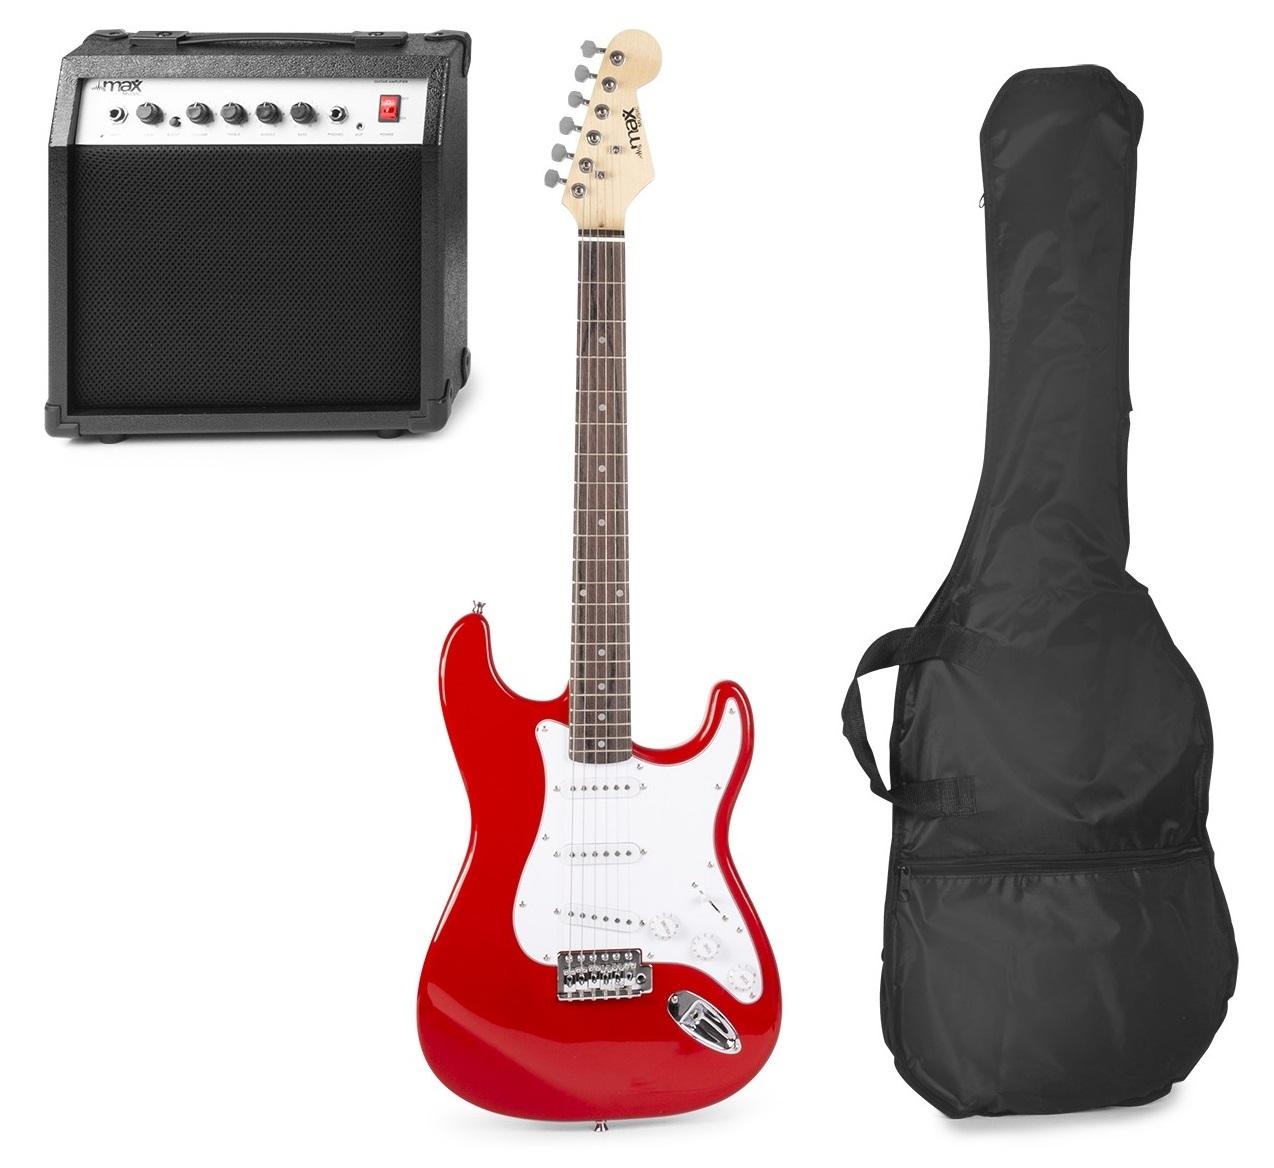 Pack GIGKIT Guitarra Eléctrica + Amplificador 6 40W (Vermelho) - MAX